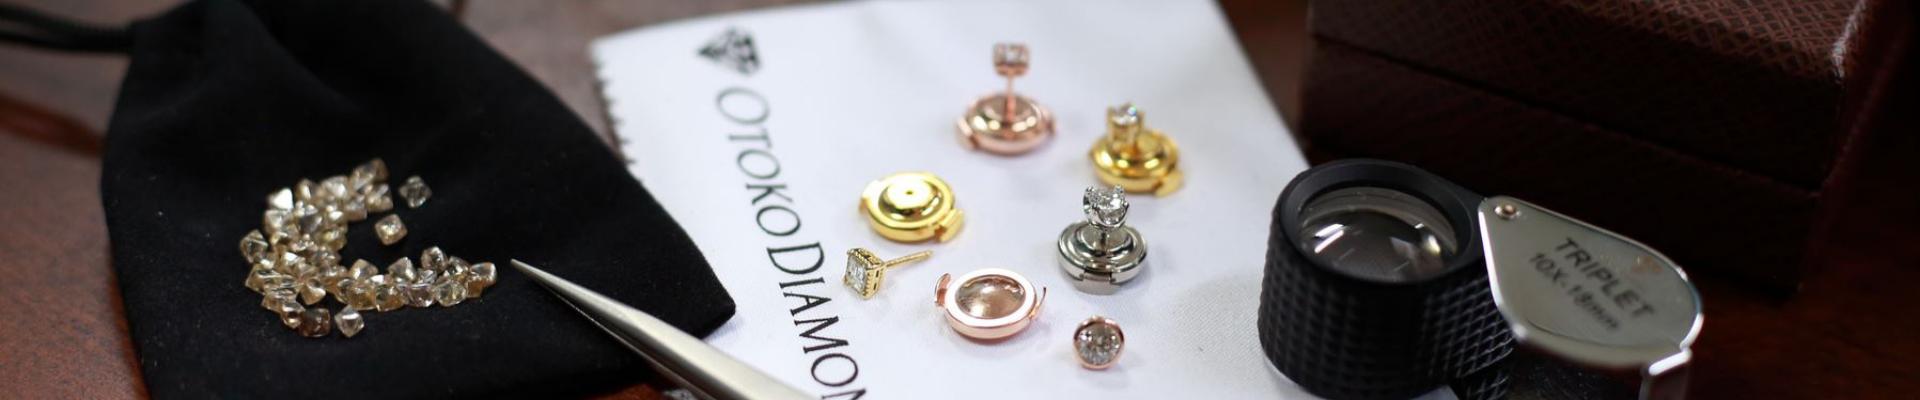 otokodiamond